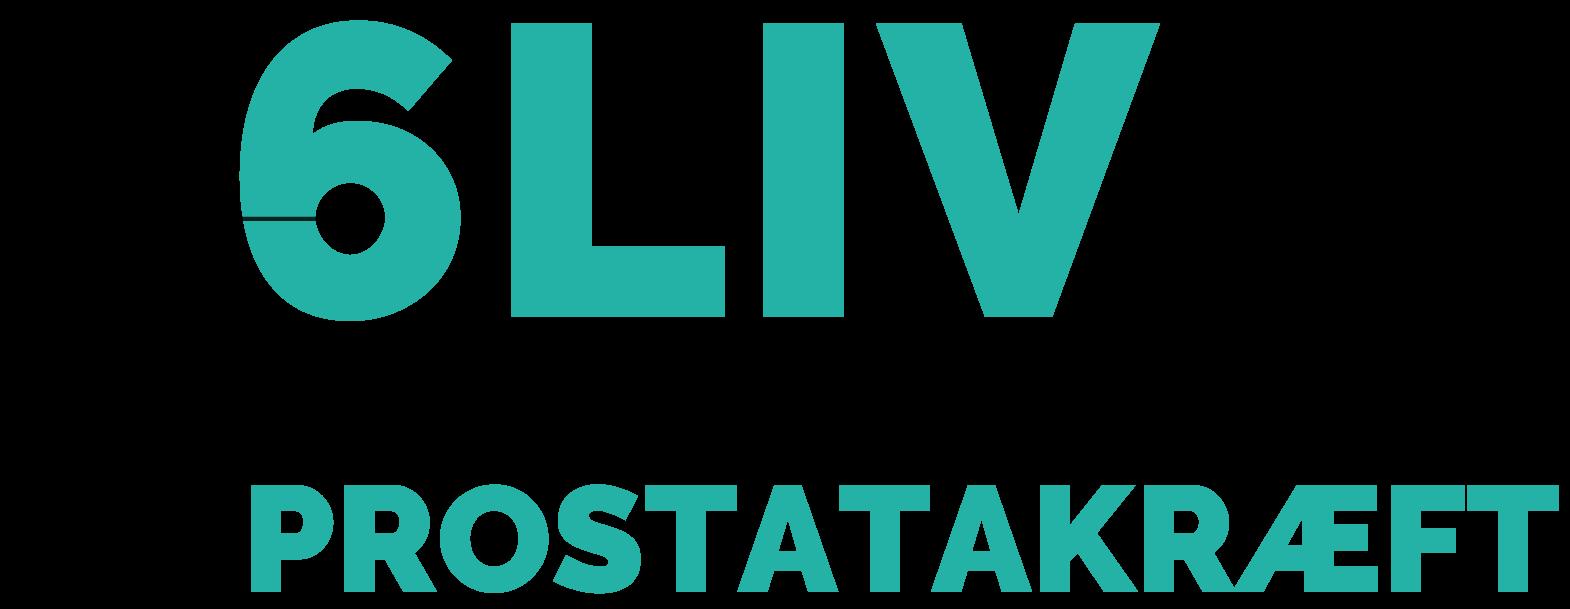 6liv_med_PROSTATAKRÆFT_logo